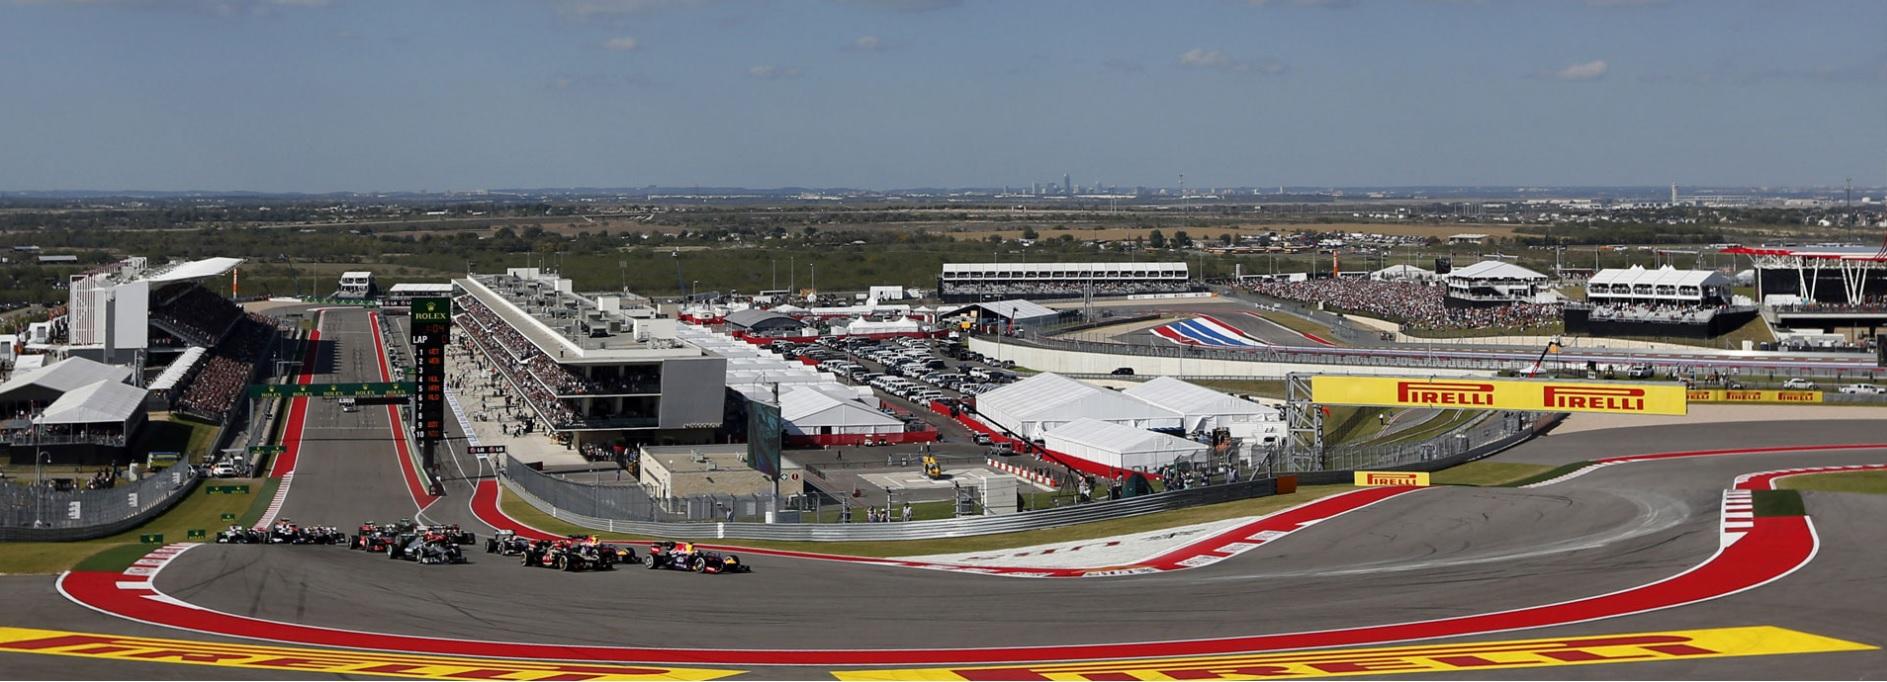 Formula 1 track